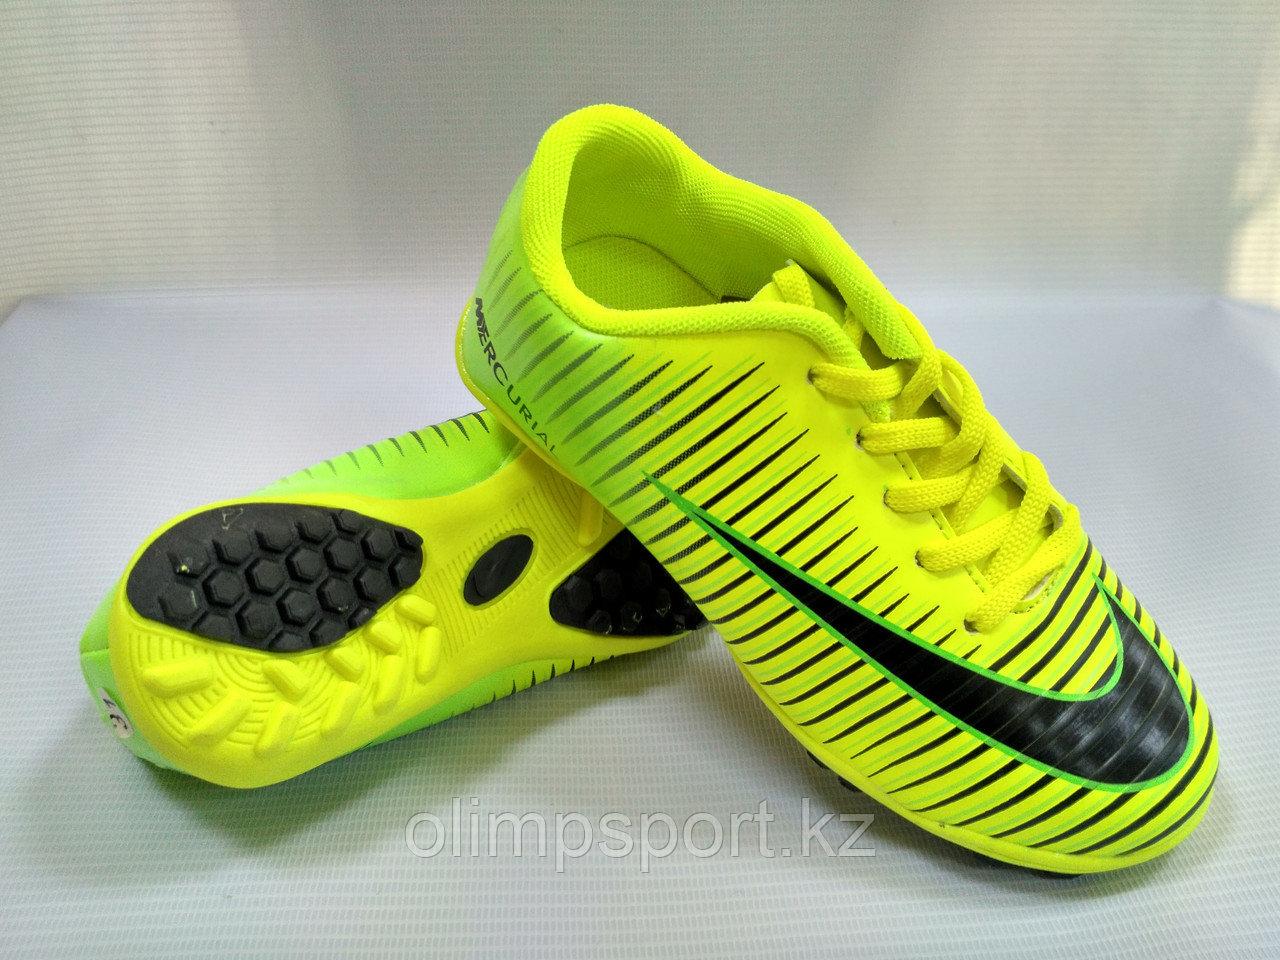 Обувь для футбола, шиповки, сороконожки  Nike, желтые